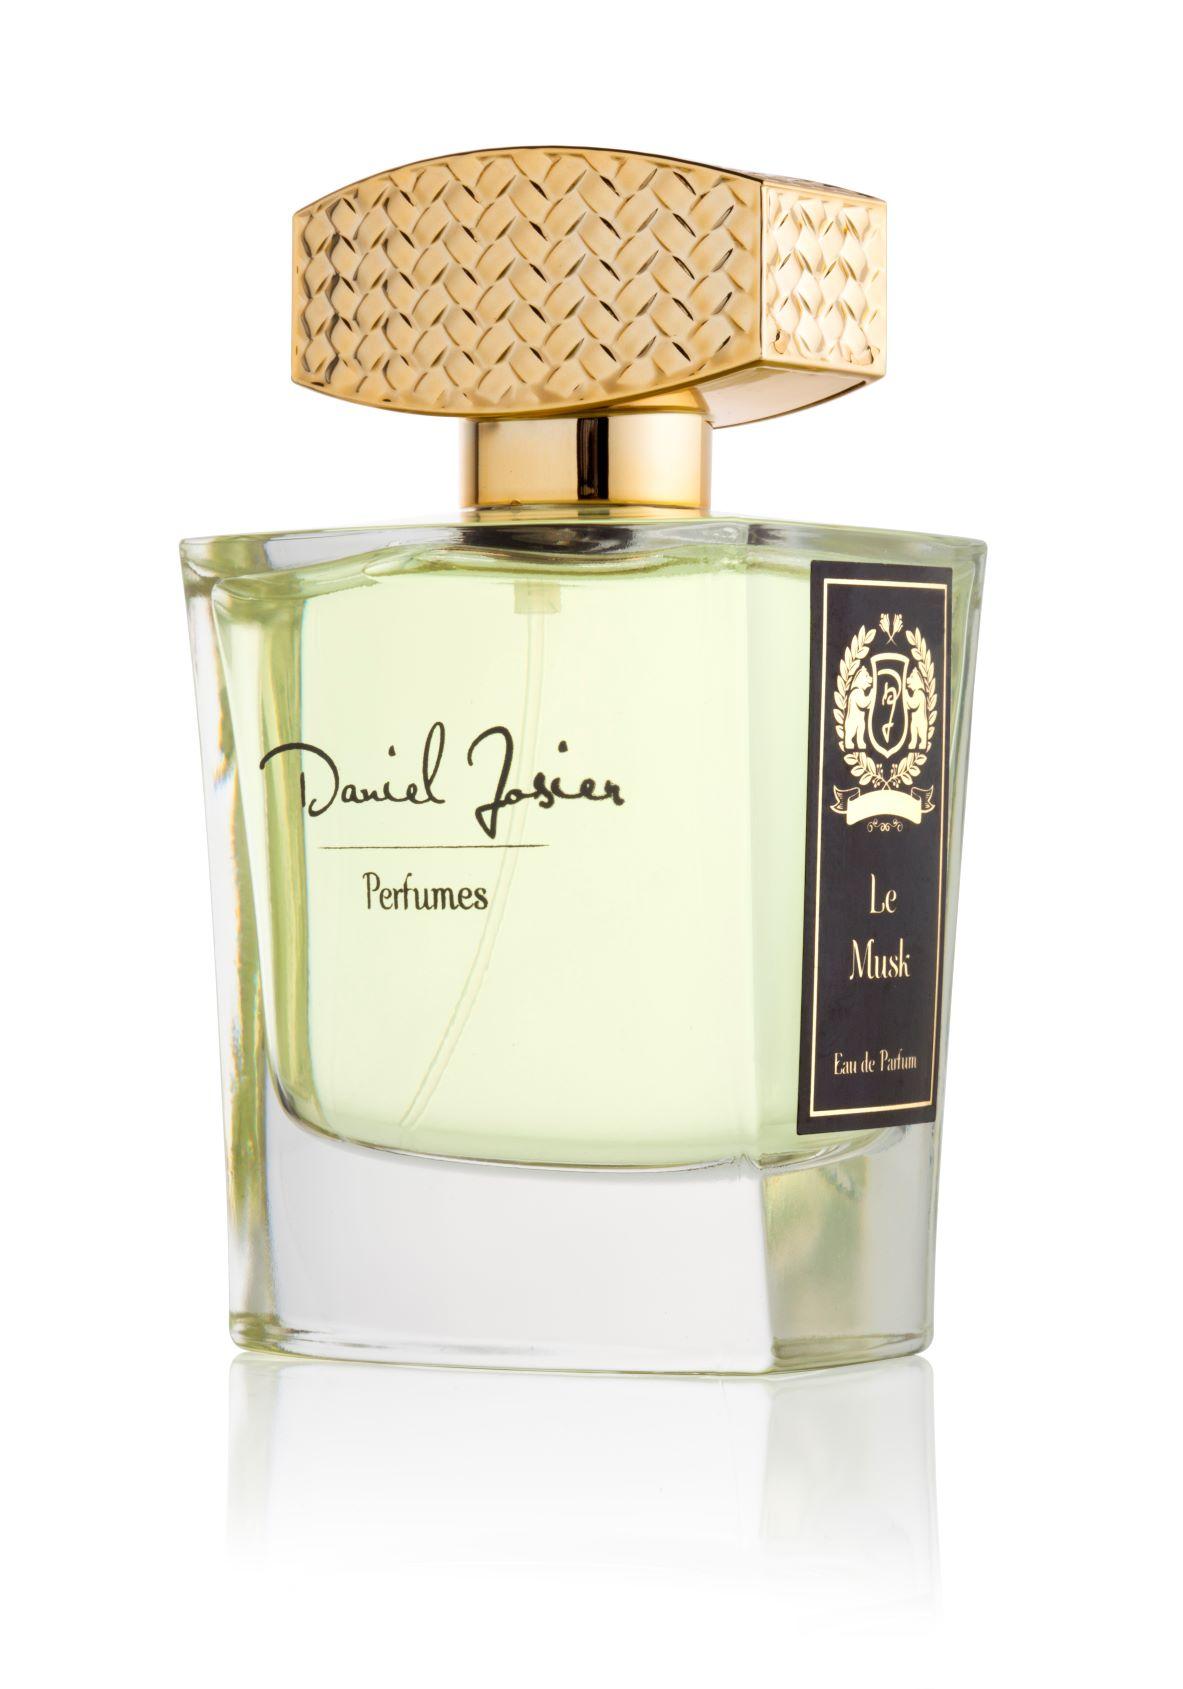 Daniel Josier – Le Musk - Eau de Parfum